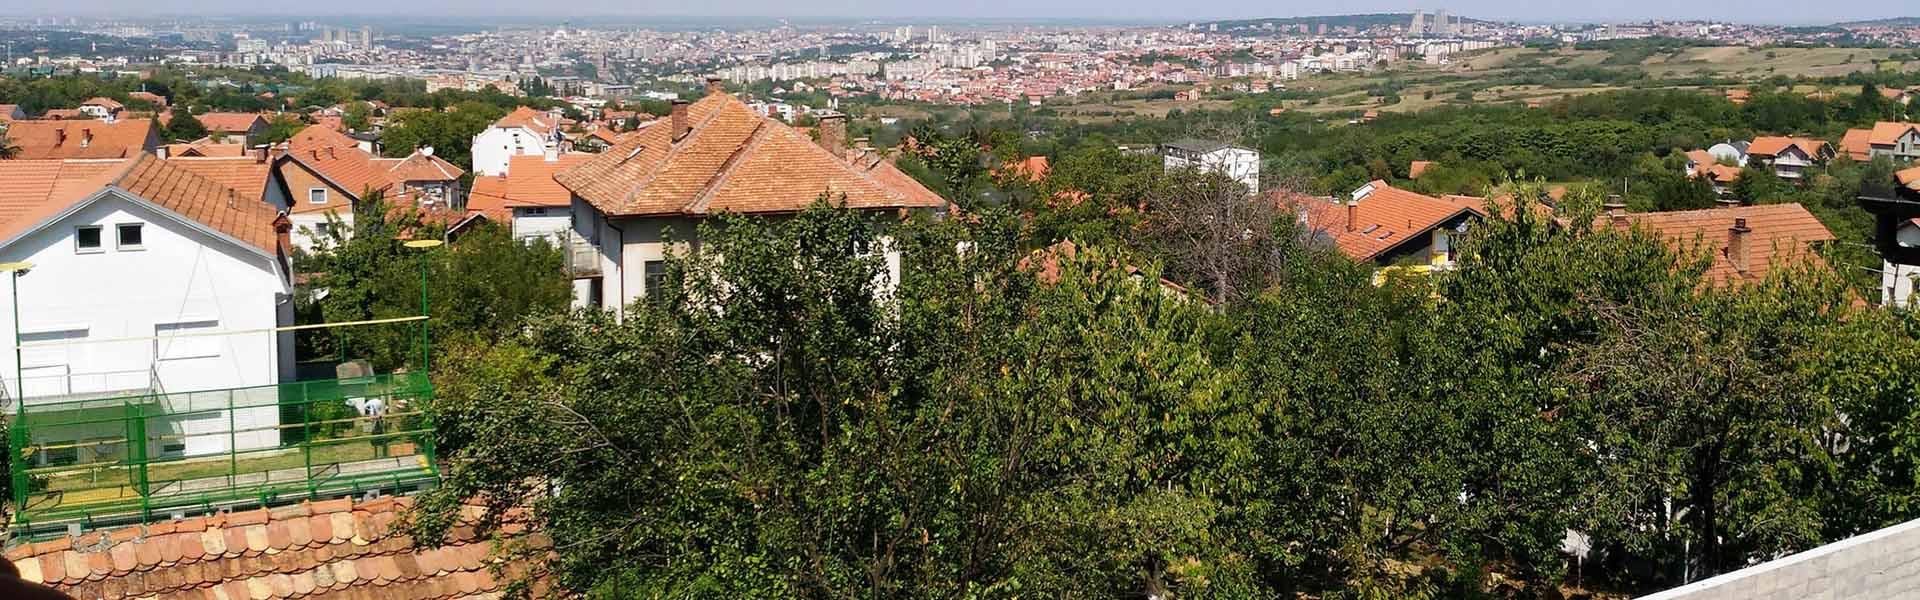 Dostava hrane Kumodraž | Beograd